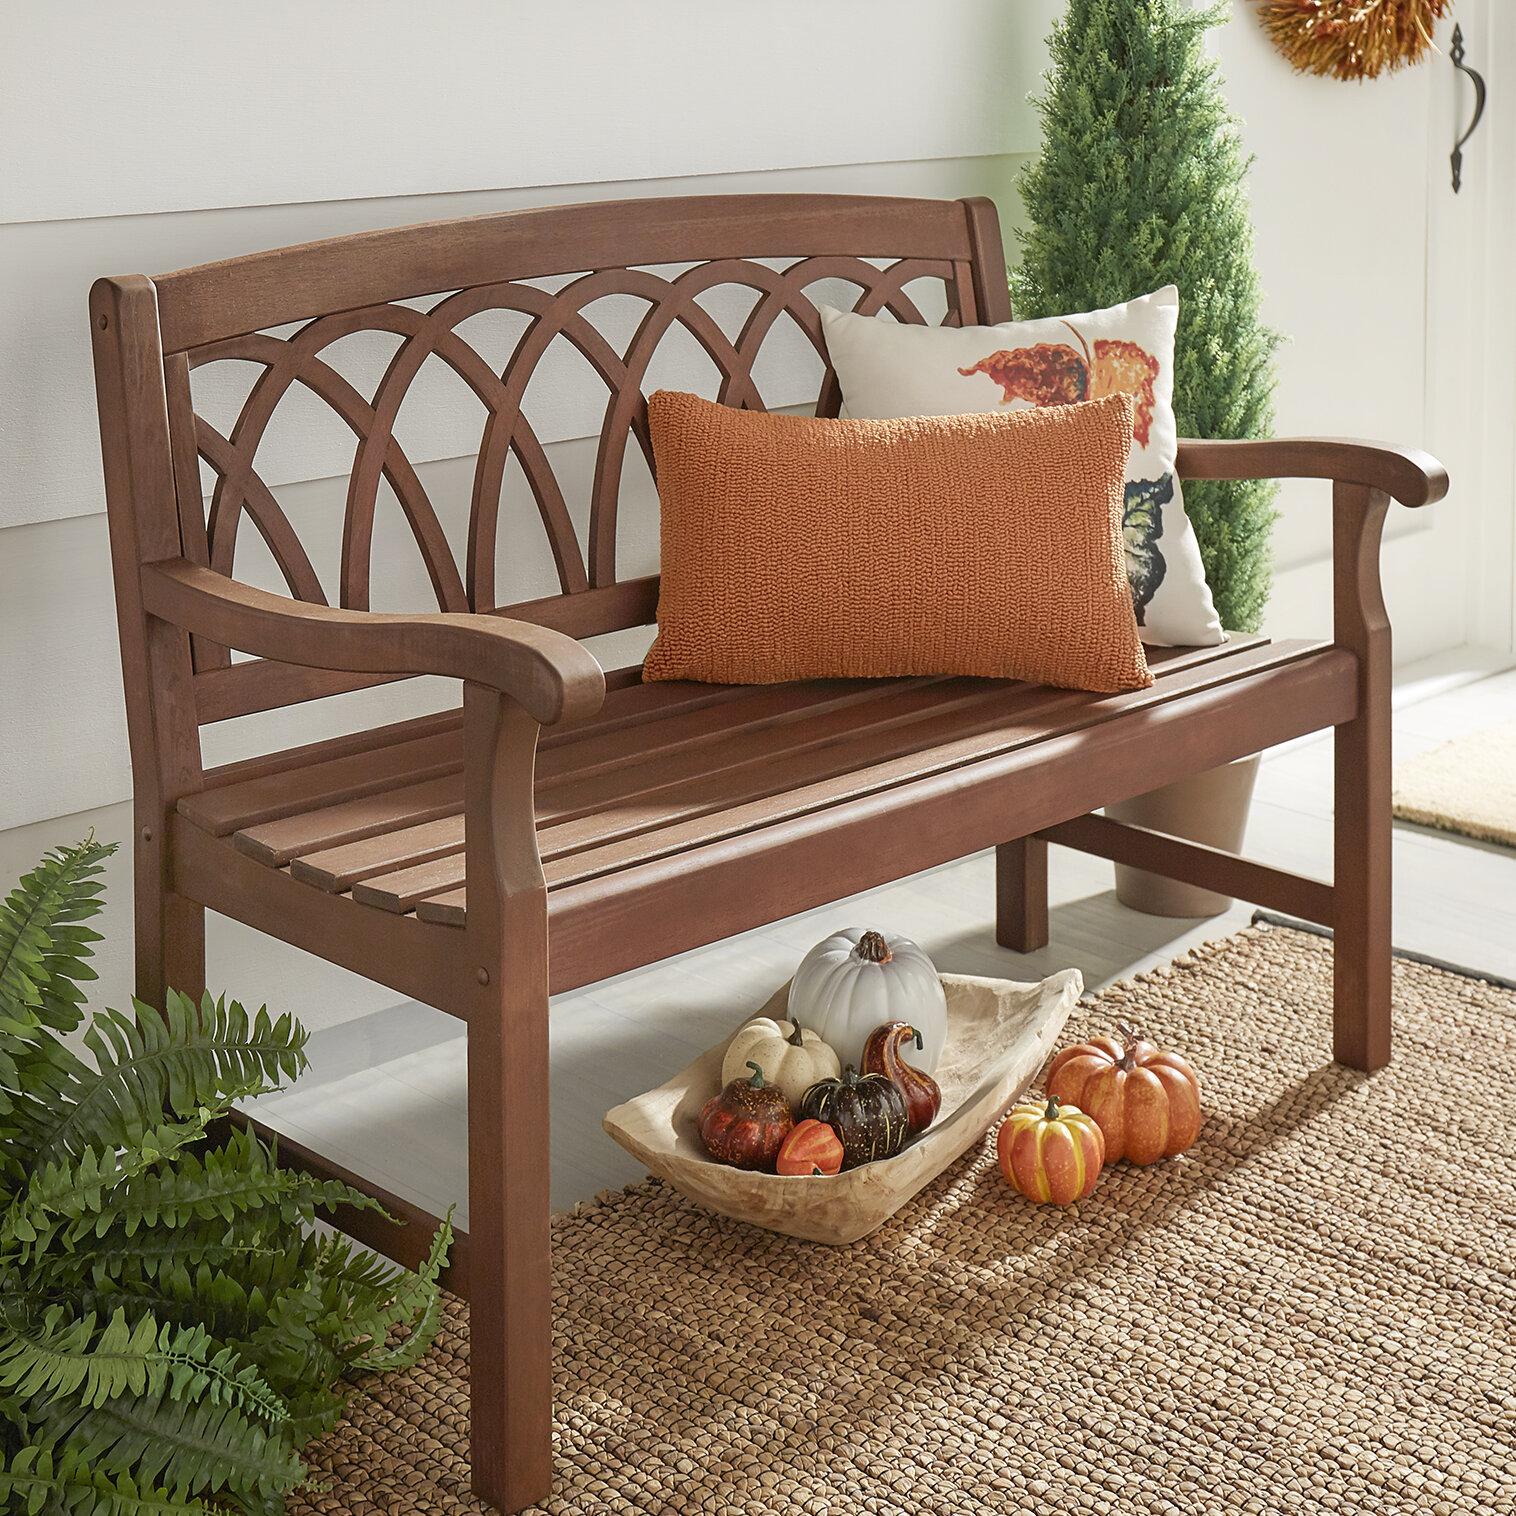 Three Posts Brook Hollow Wooden Garden Bench & Reviews | Wayfair